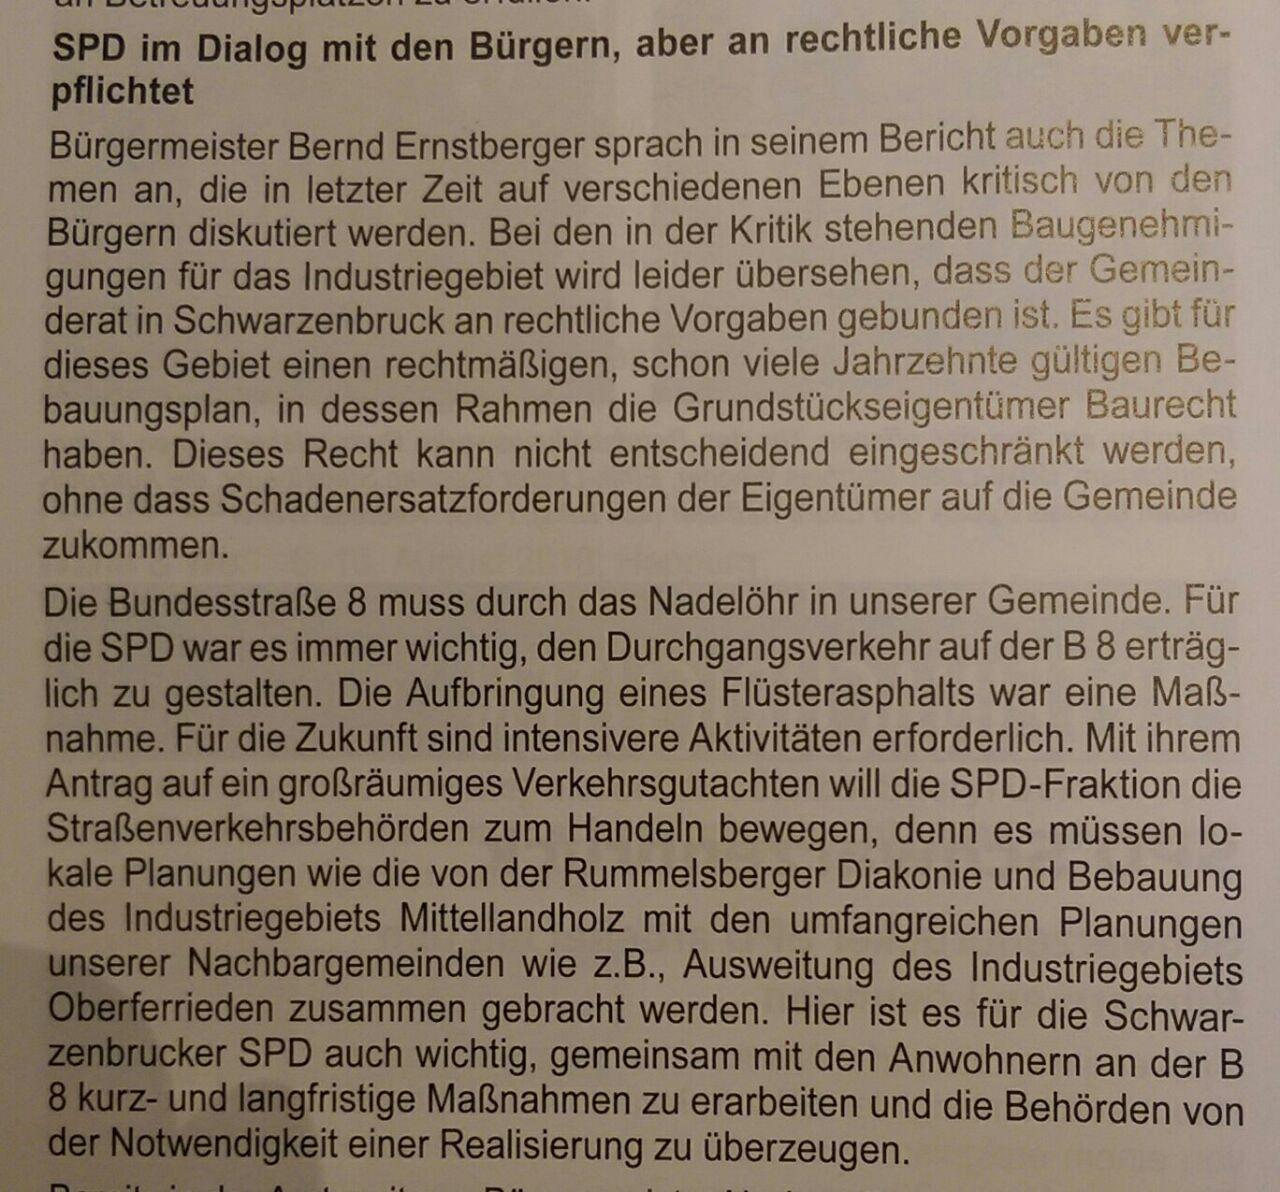 Mitteilungsblatt Schwarzenbruck (04/2018) - SPD im Dialog mit den Bürgern zum Industriegebiet/Logsitikzentren